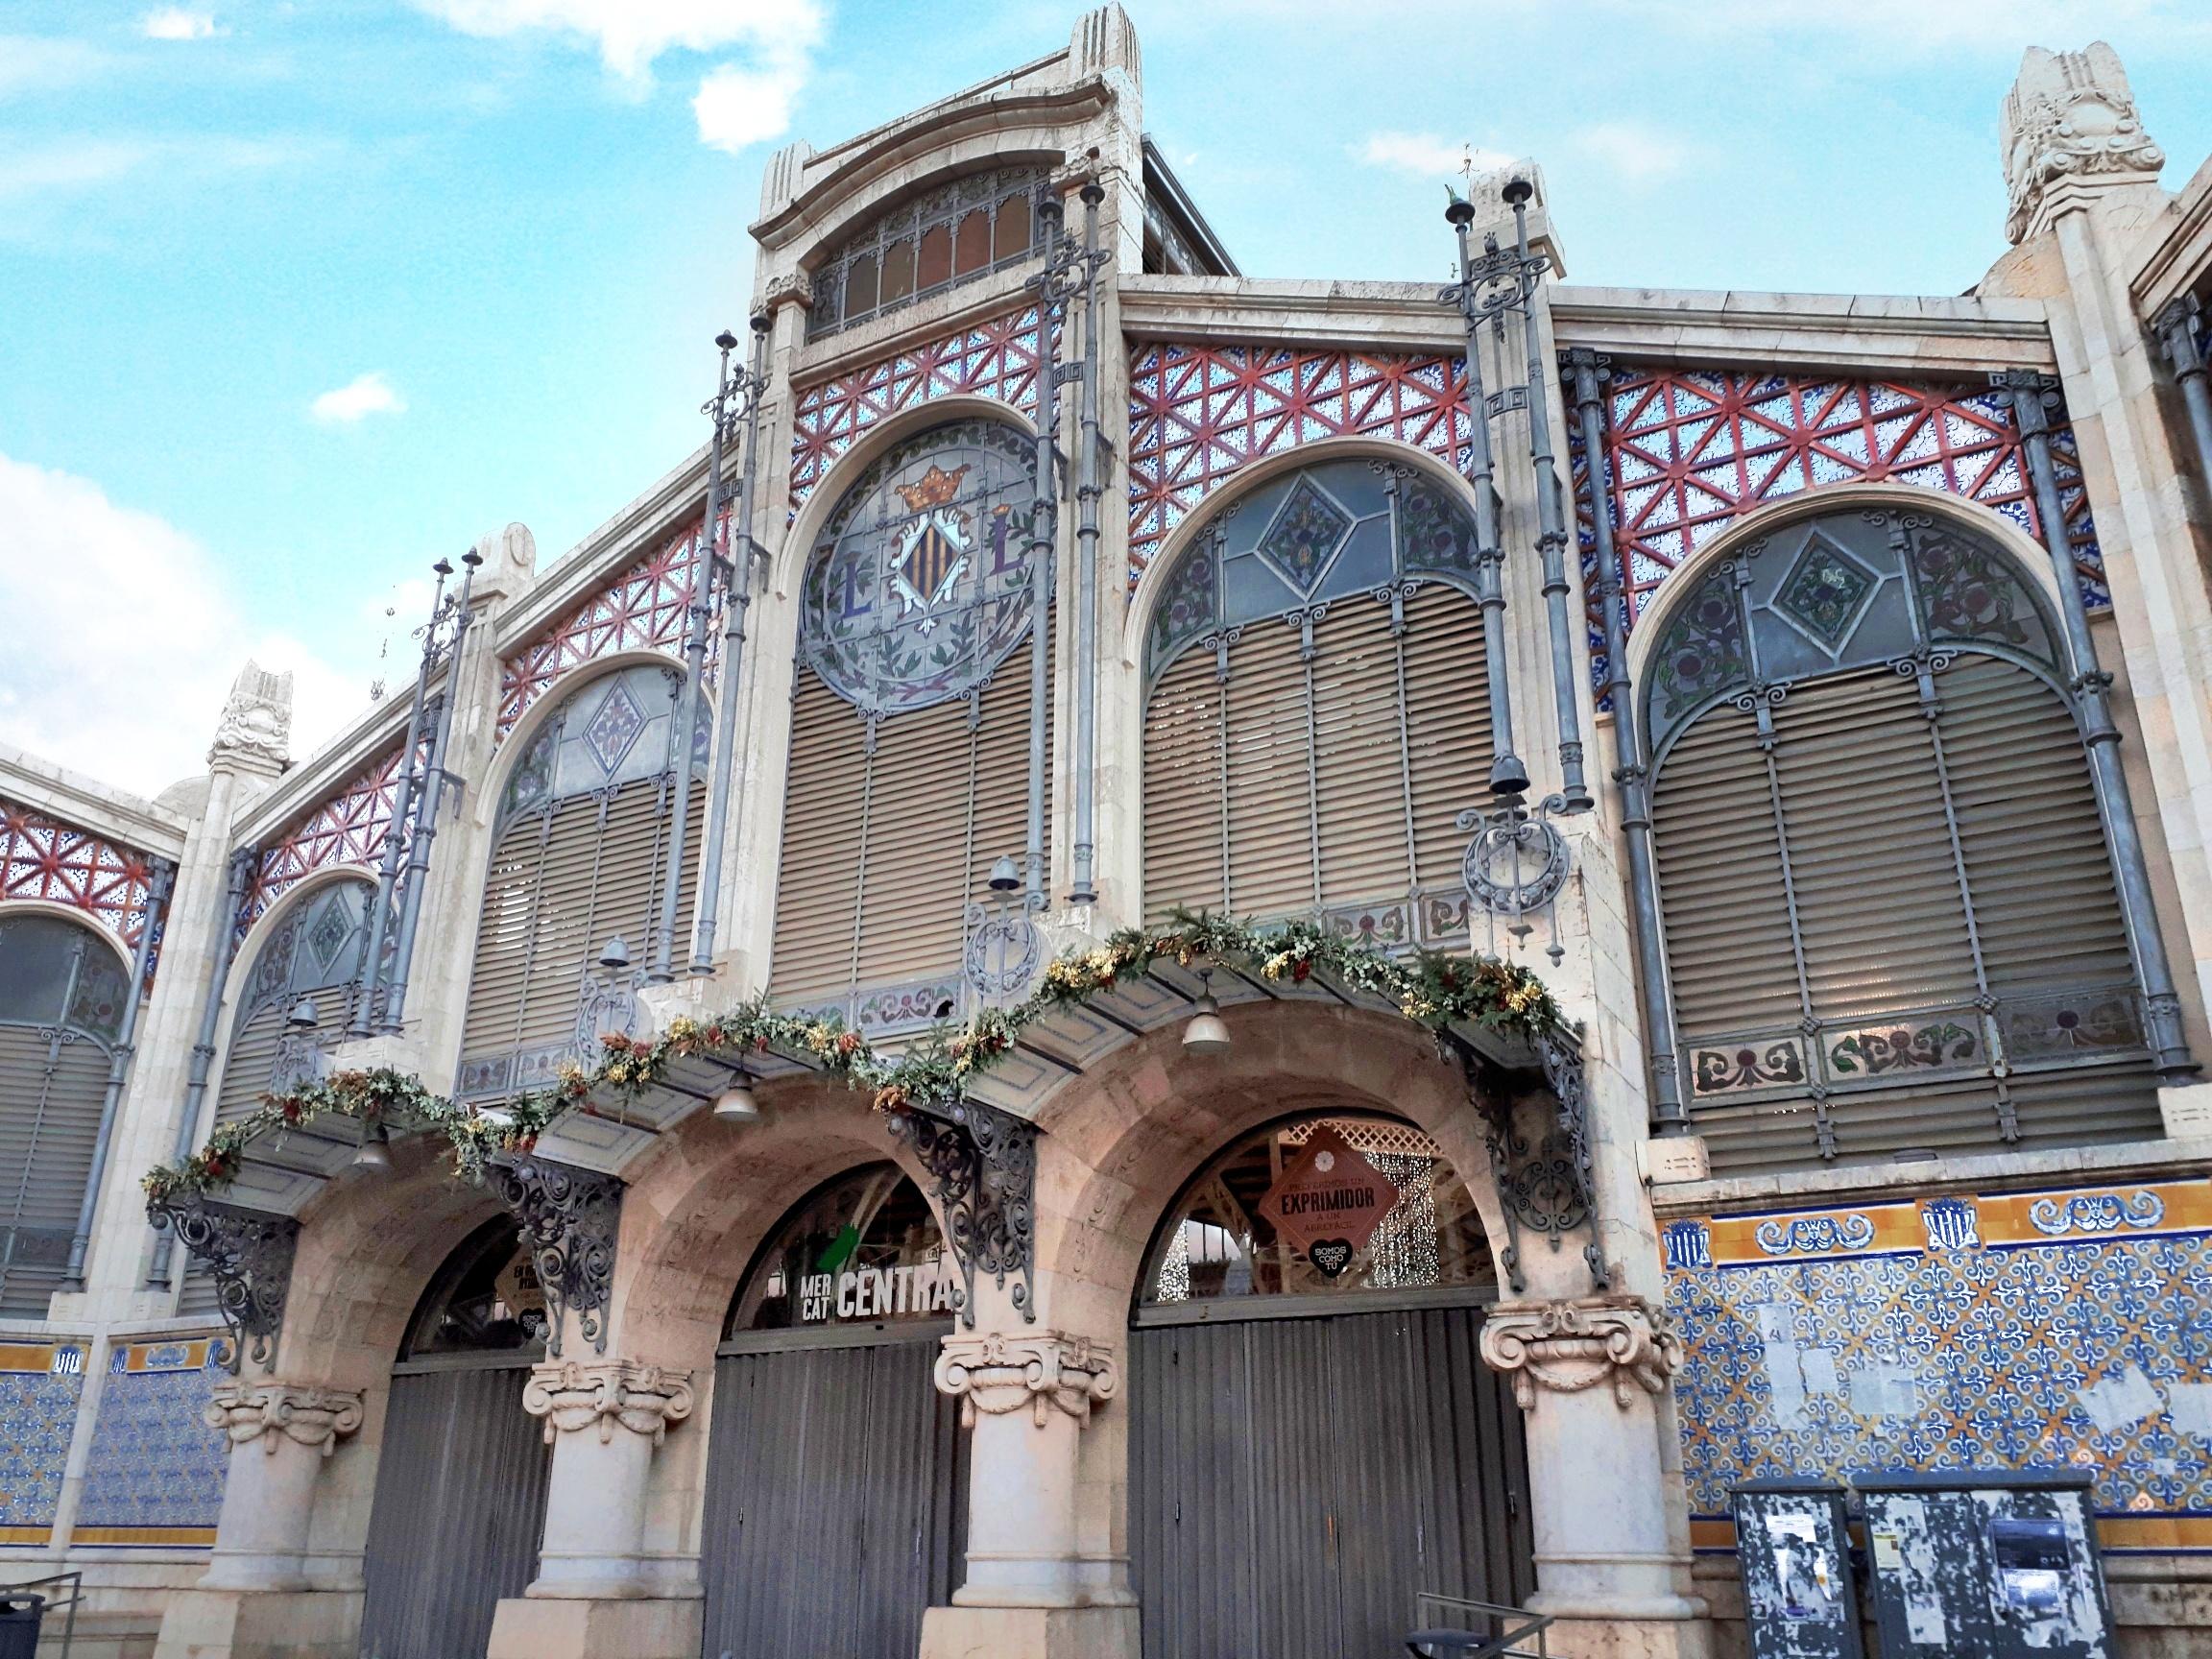 Valencia - centro storico - mercado central - 2